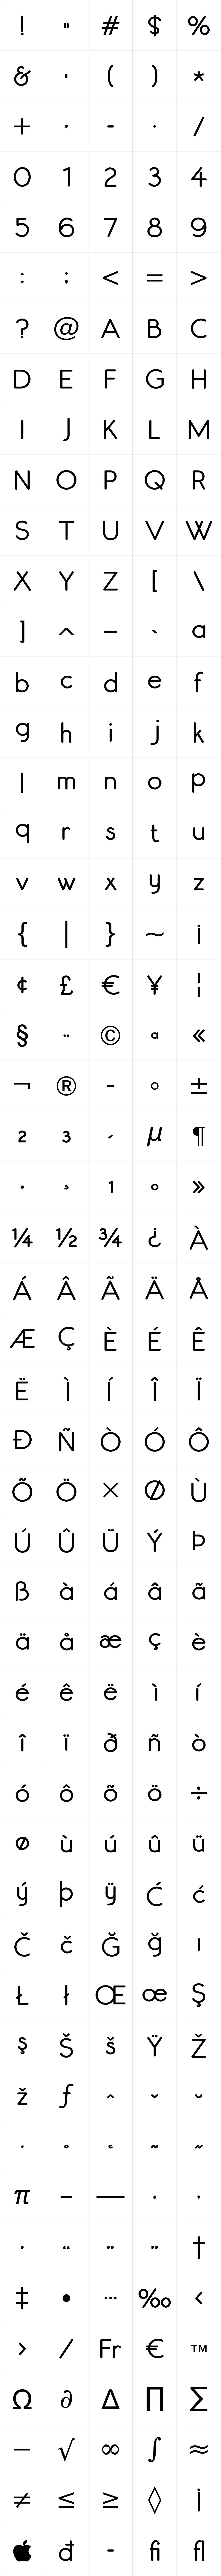 Register Sans BTN Bold